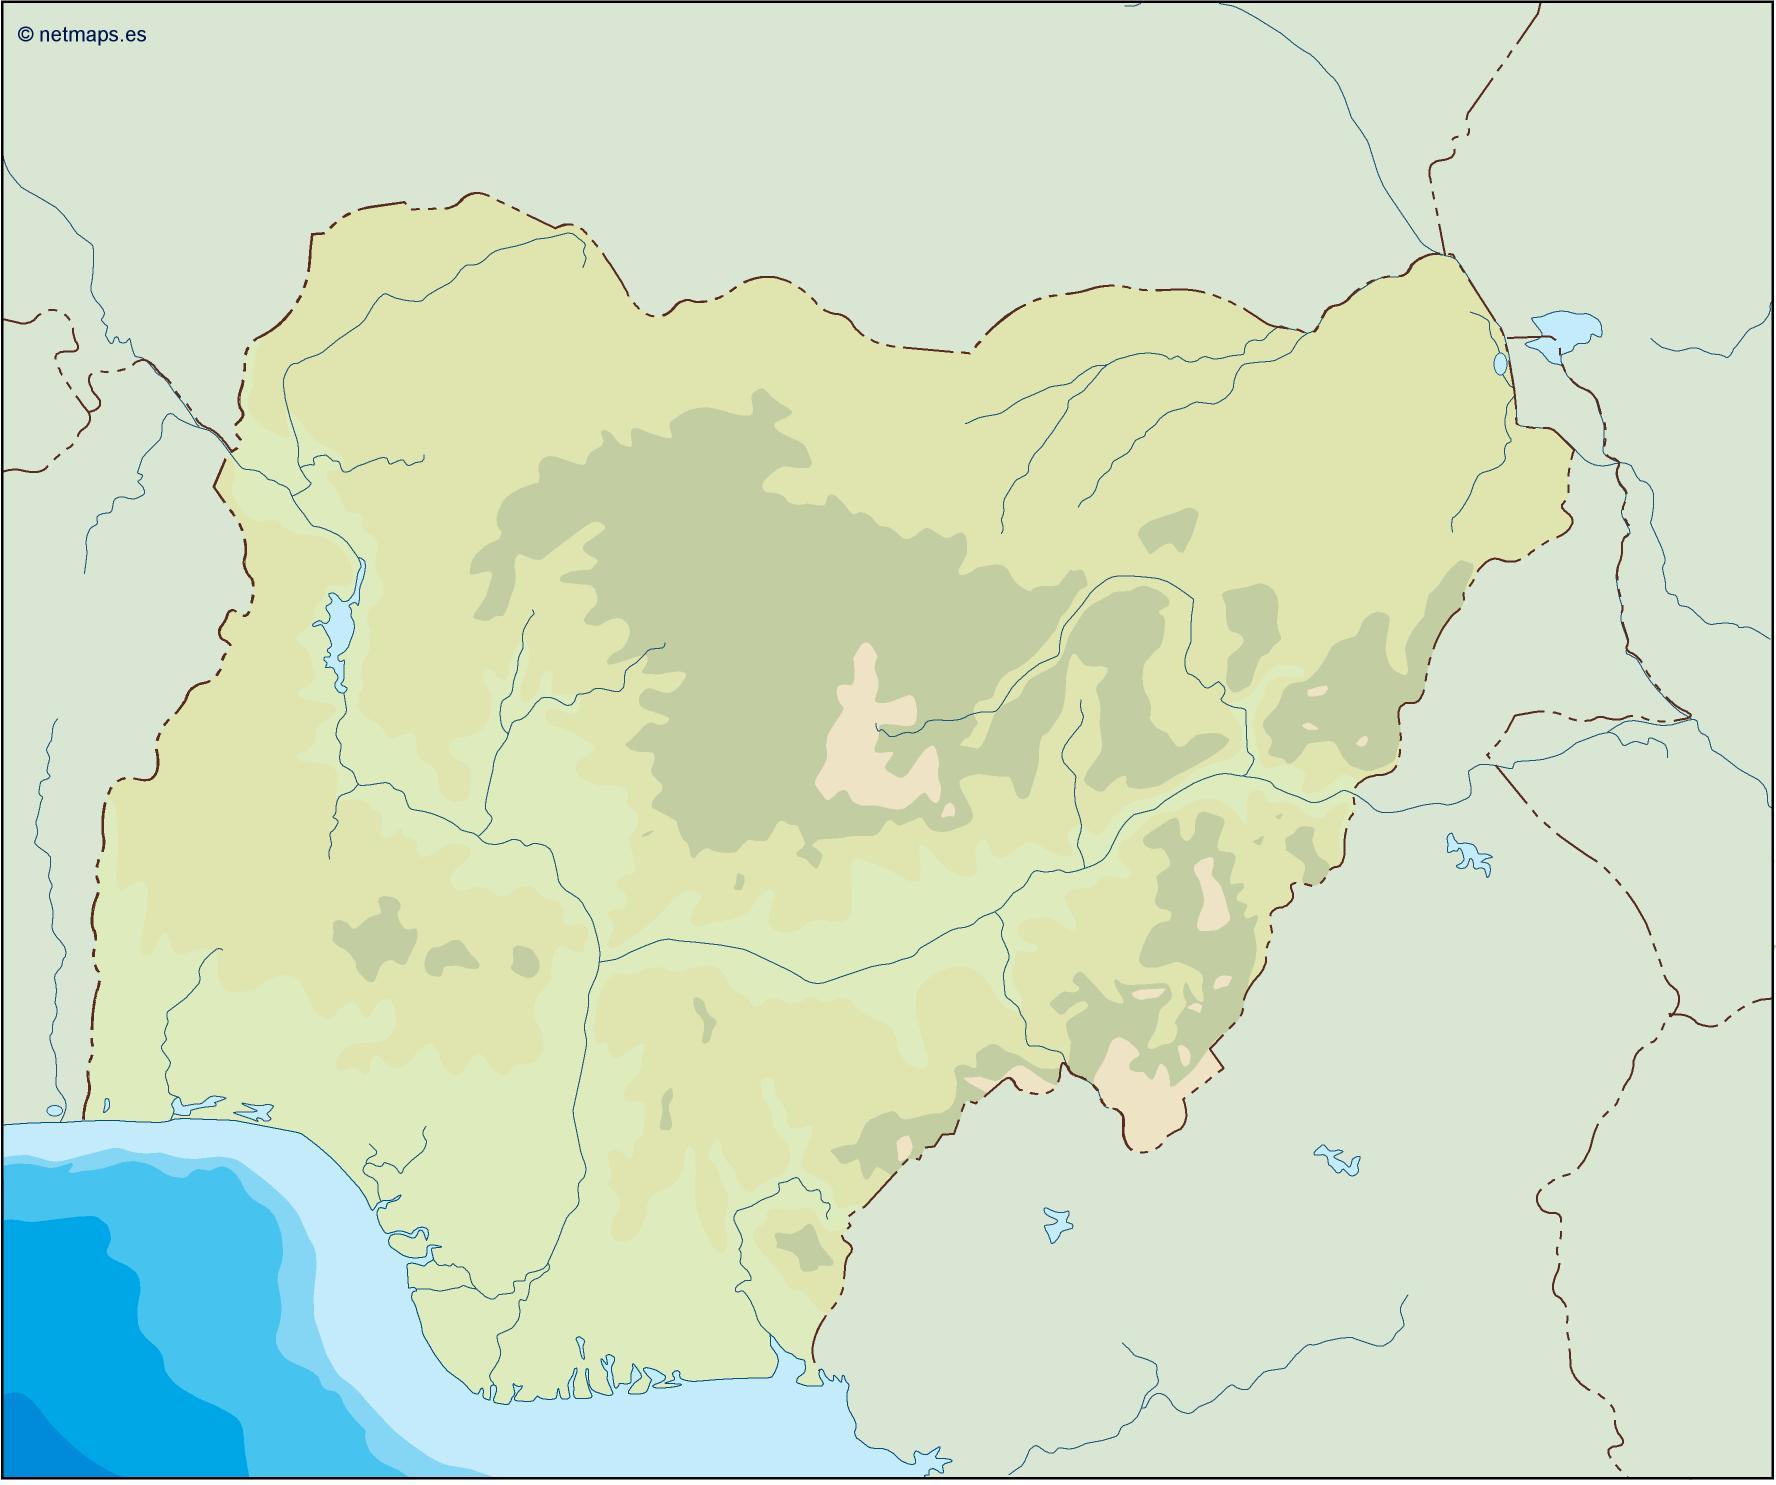 nigeria illustrator map